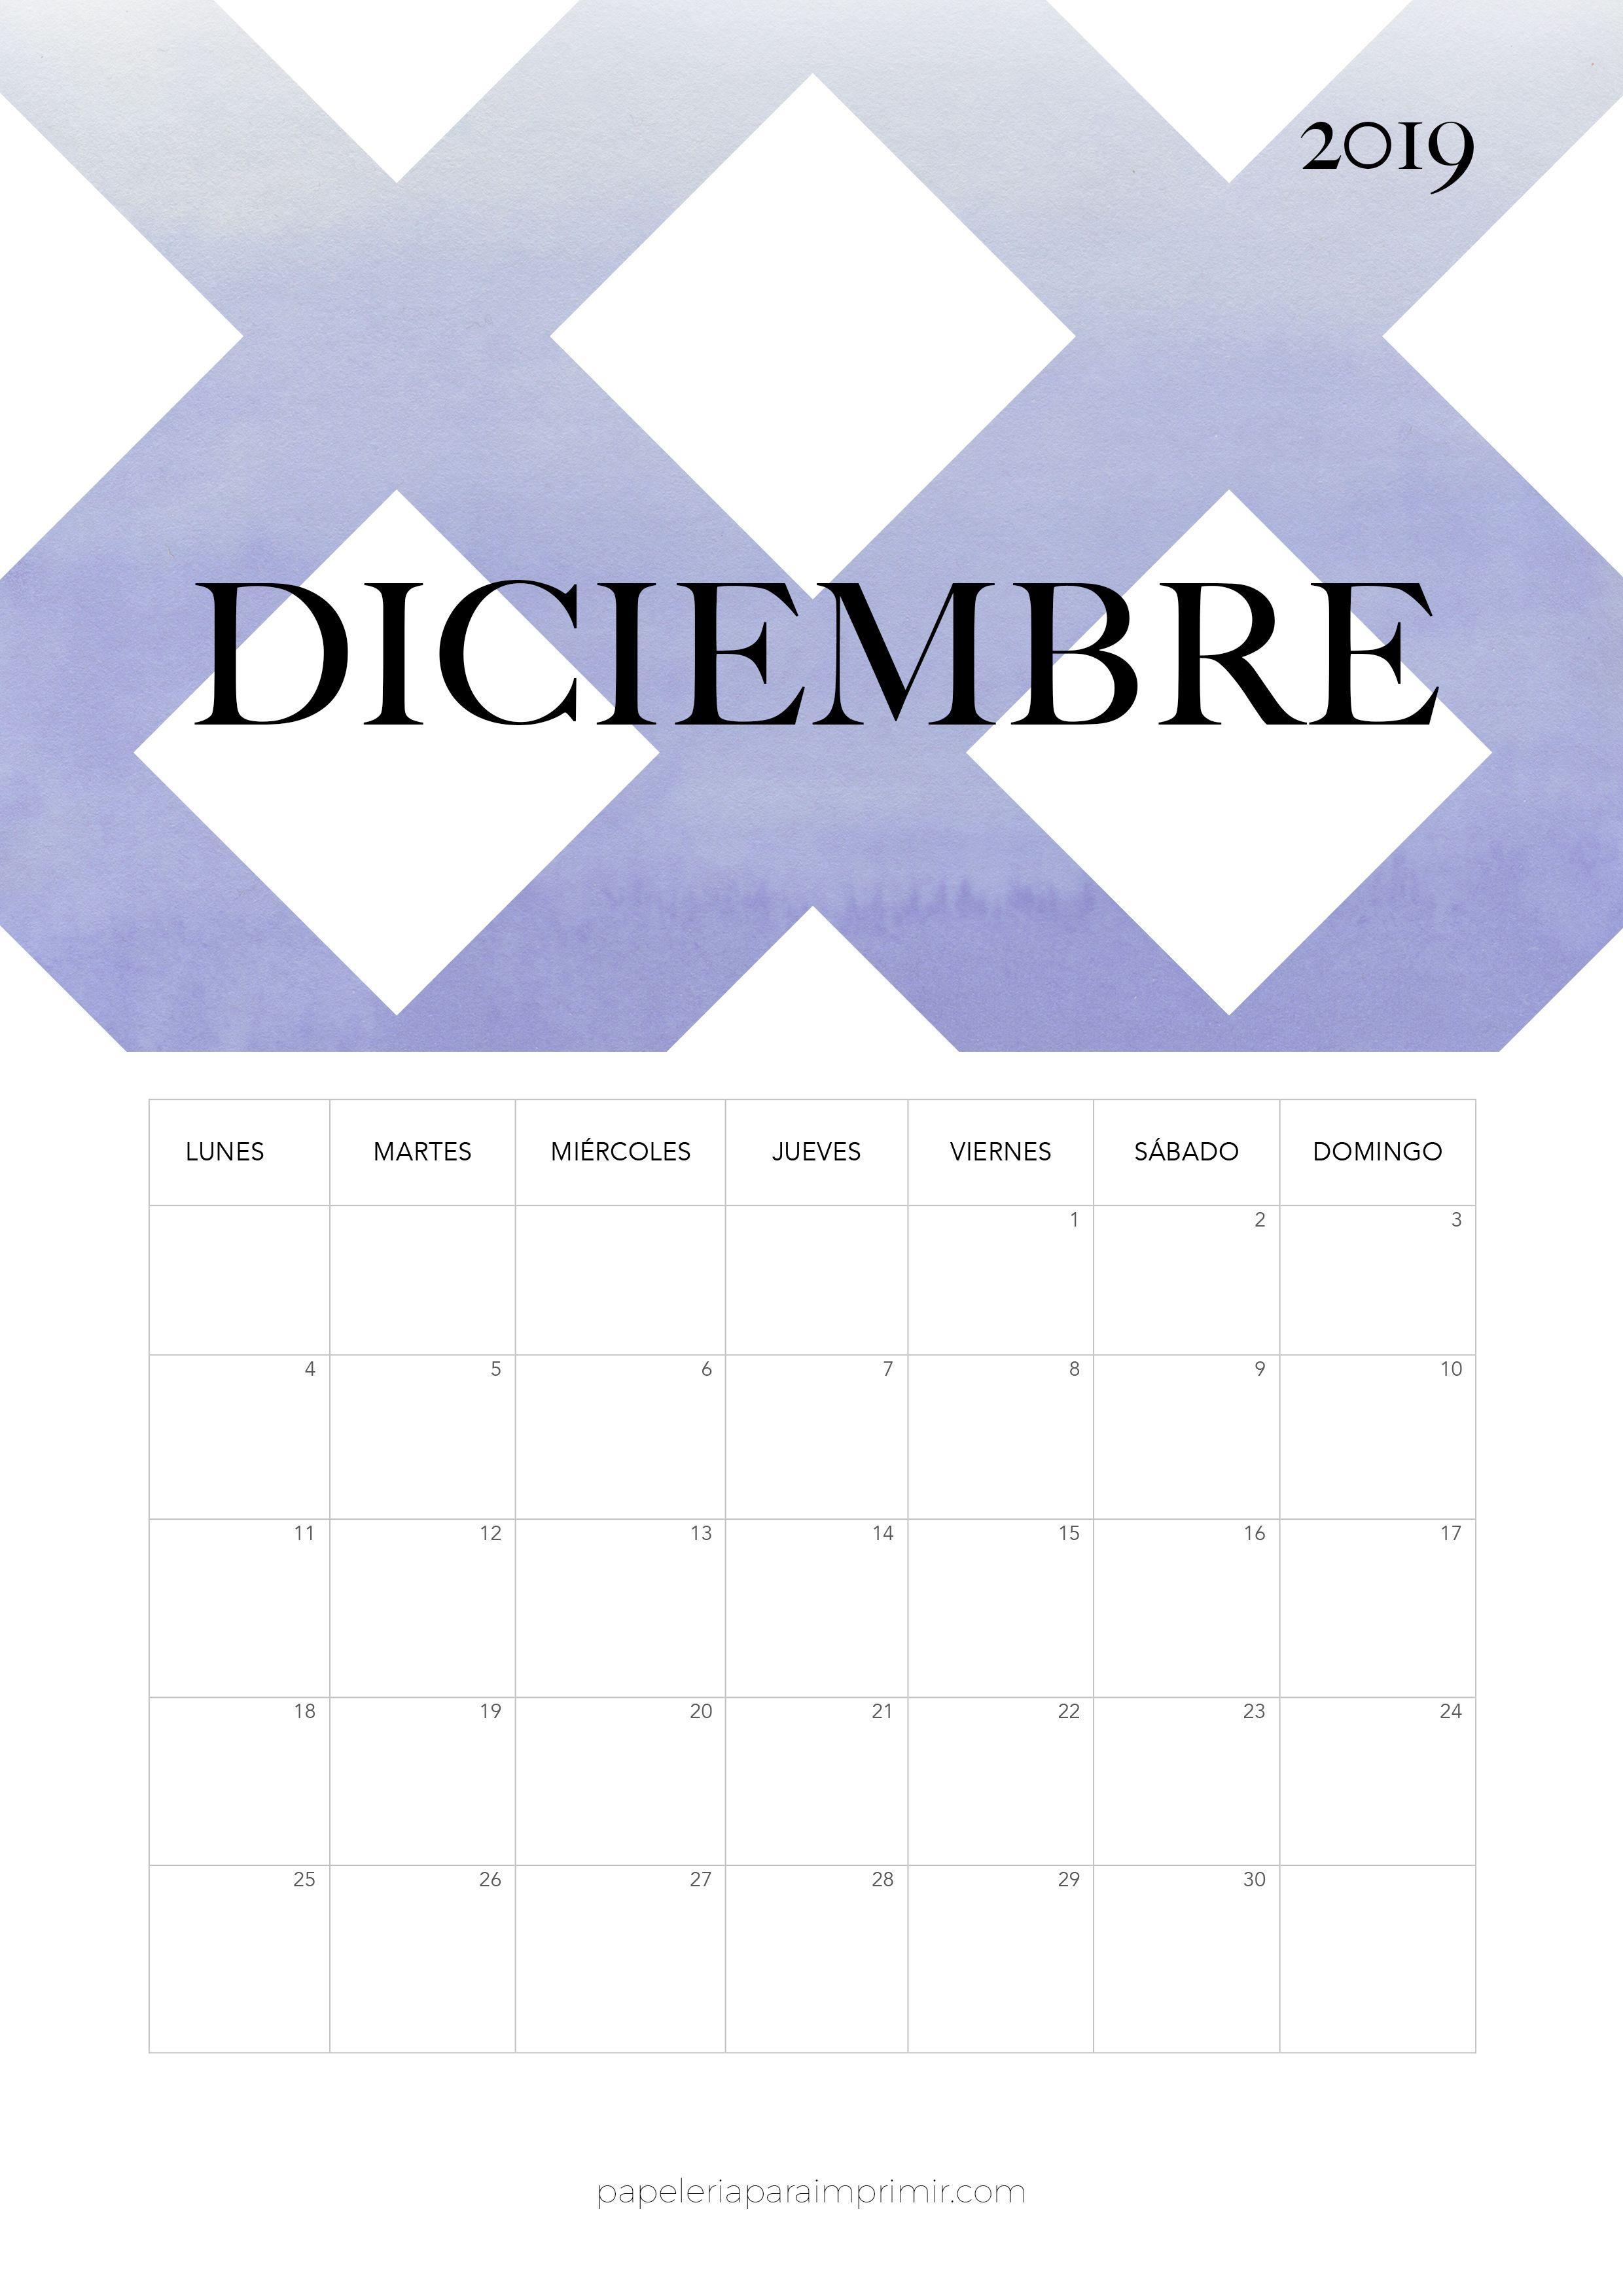 Calendario 2019 Moderno.Calendario 2019 Diciembre Calendario Mensual Moderno De